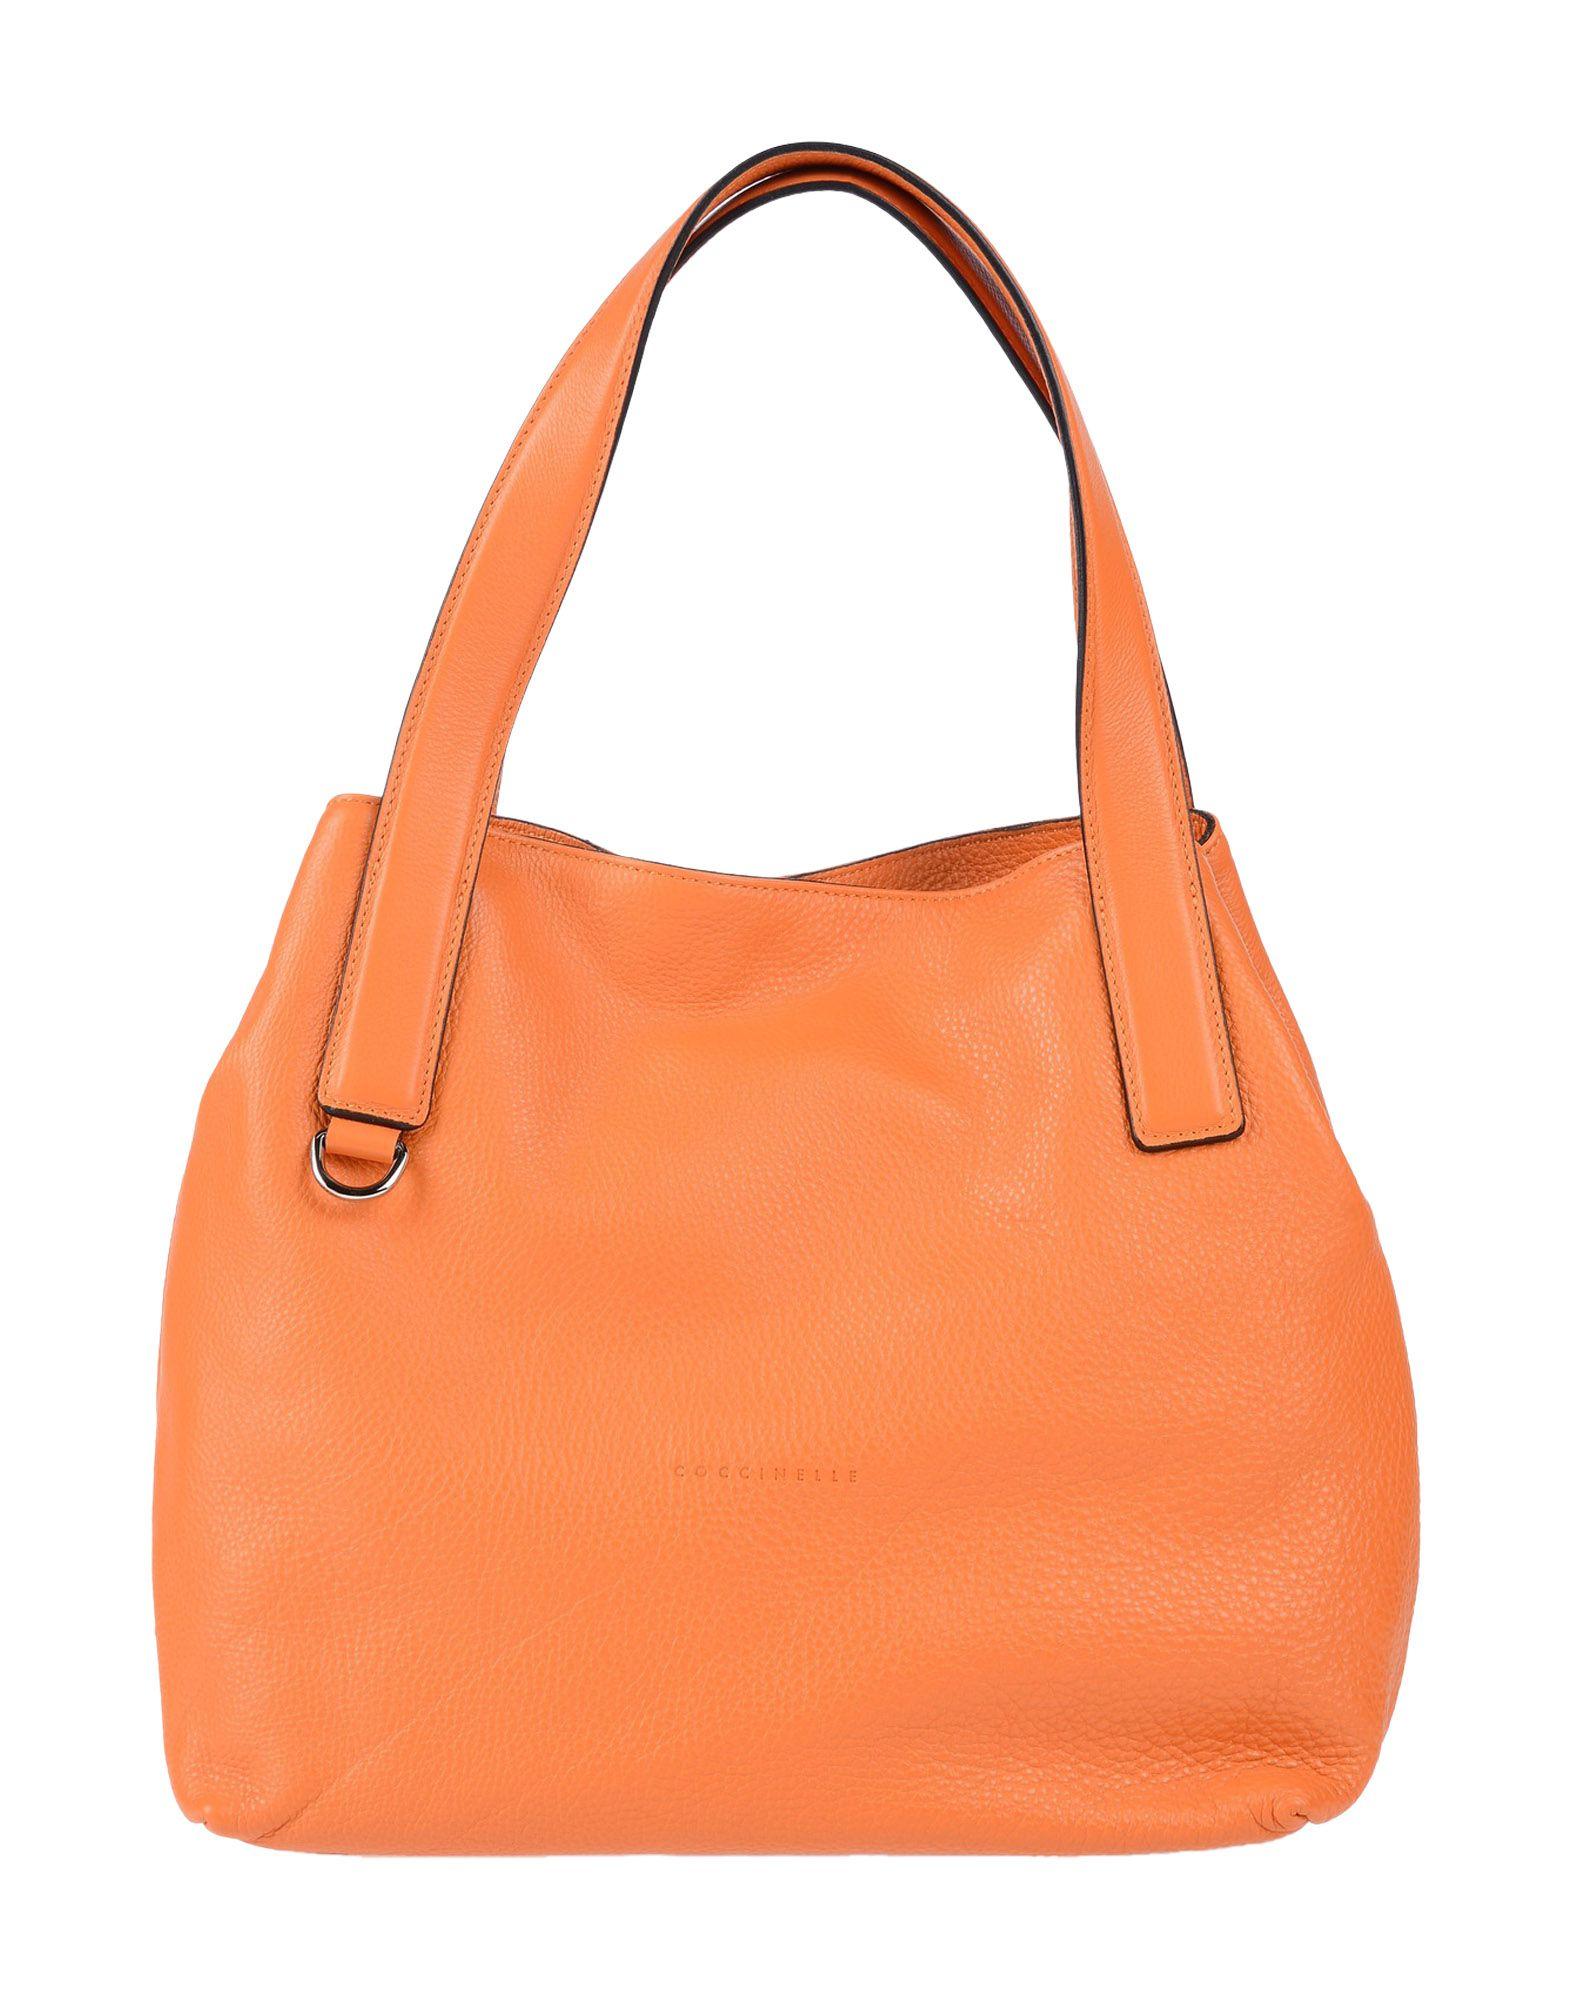 《送料無料》COCCINELLE レディース ハンドバッグ オレンジ 革